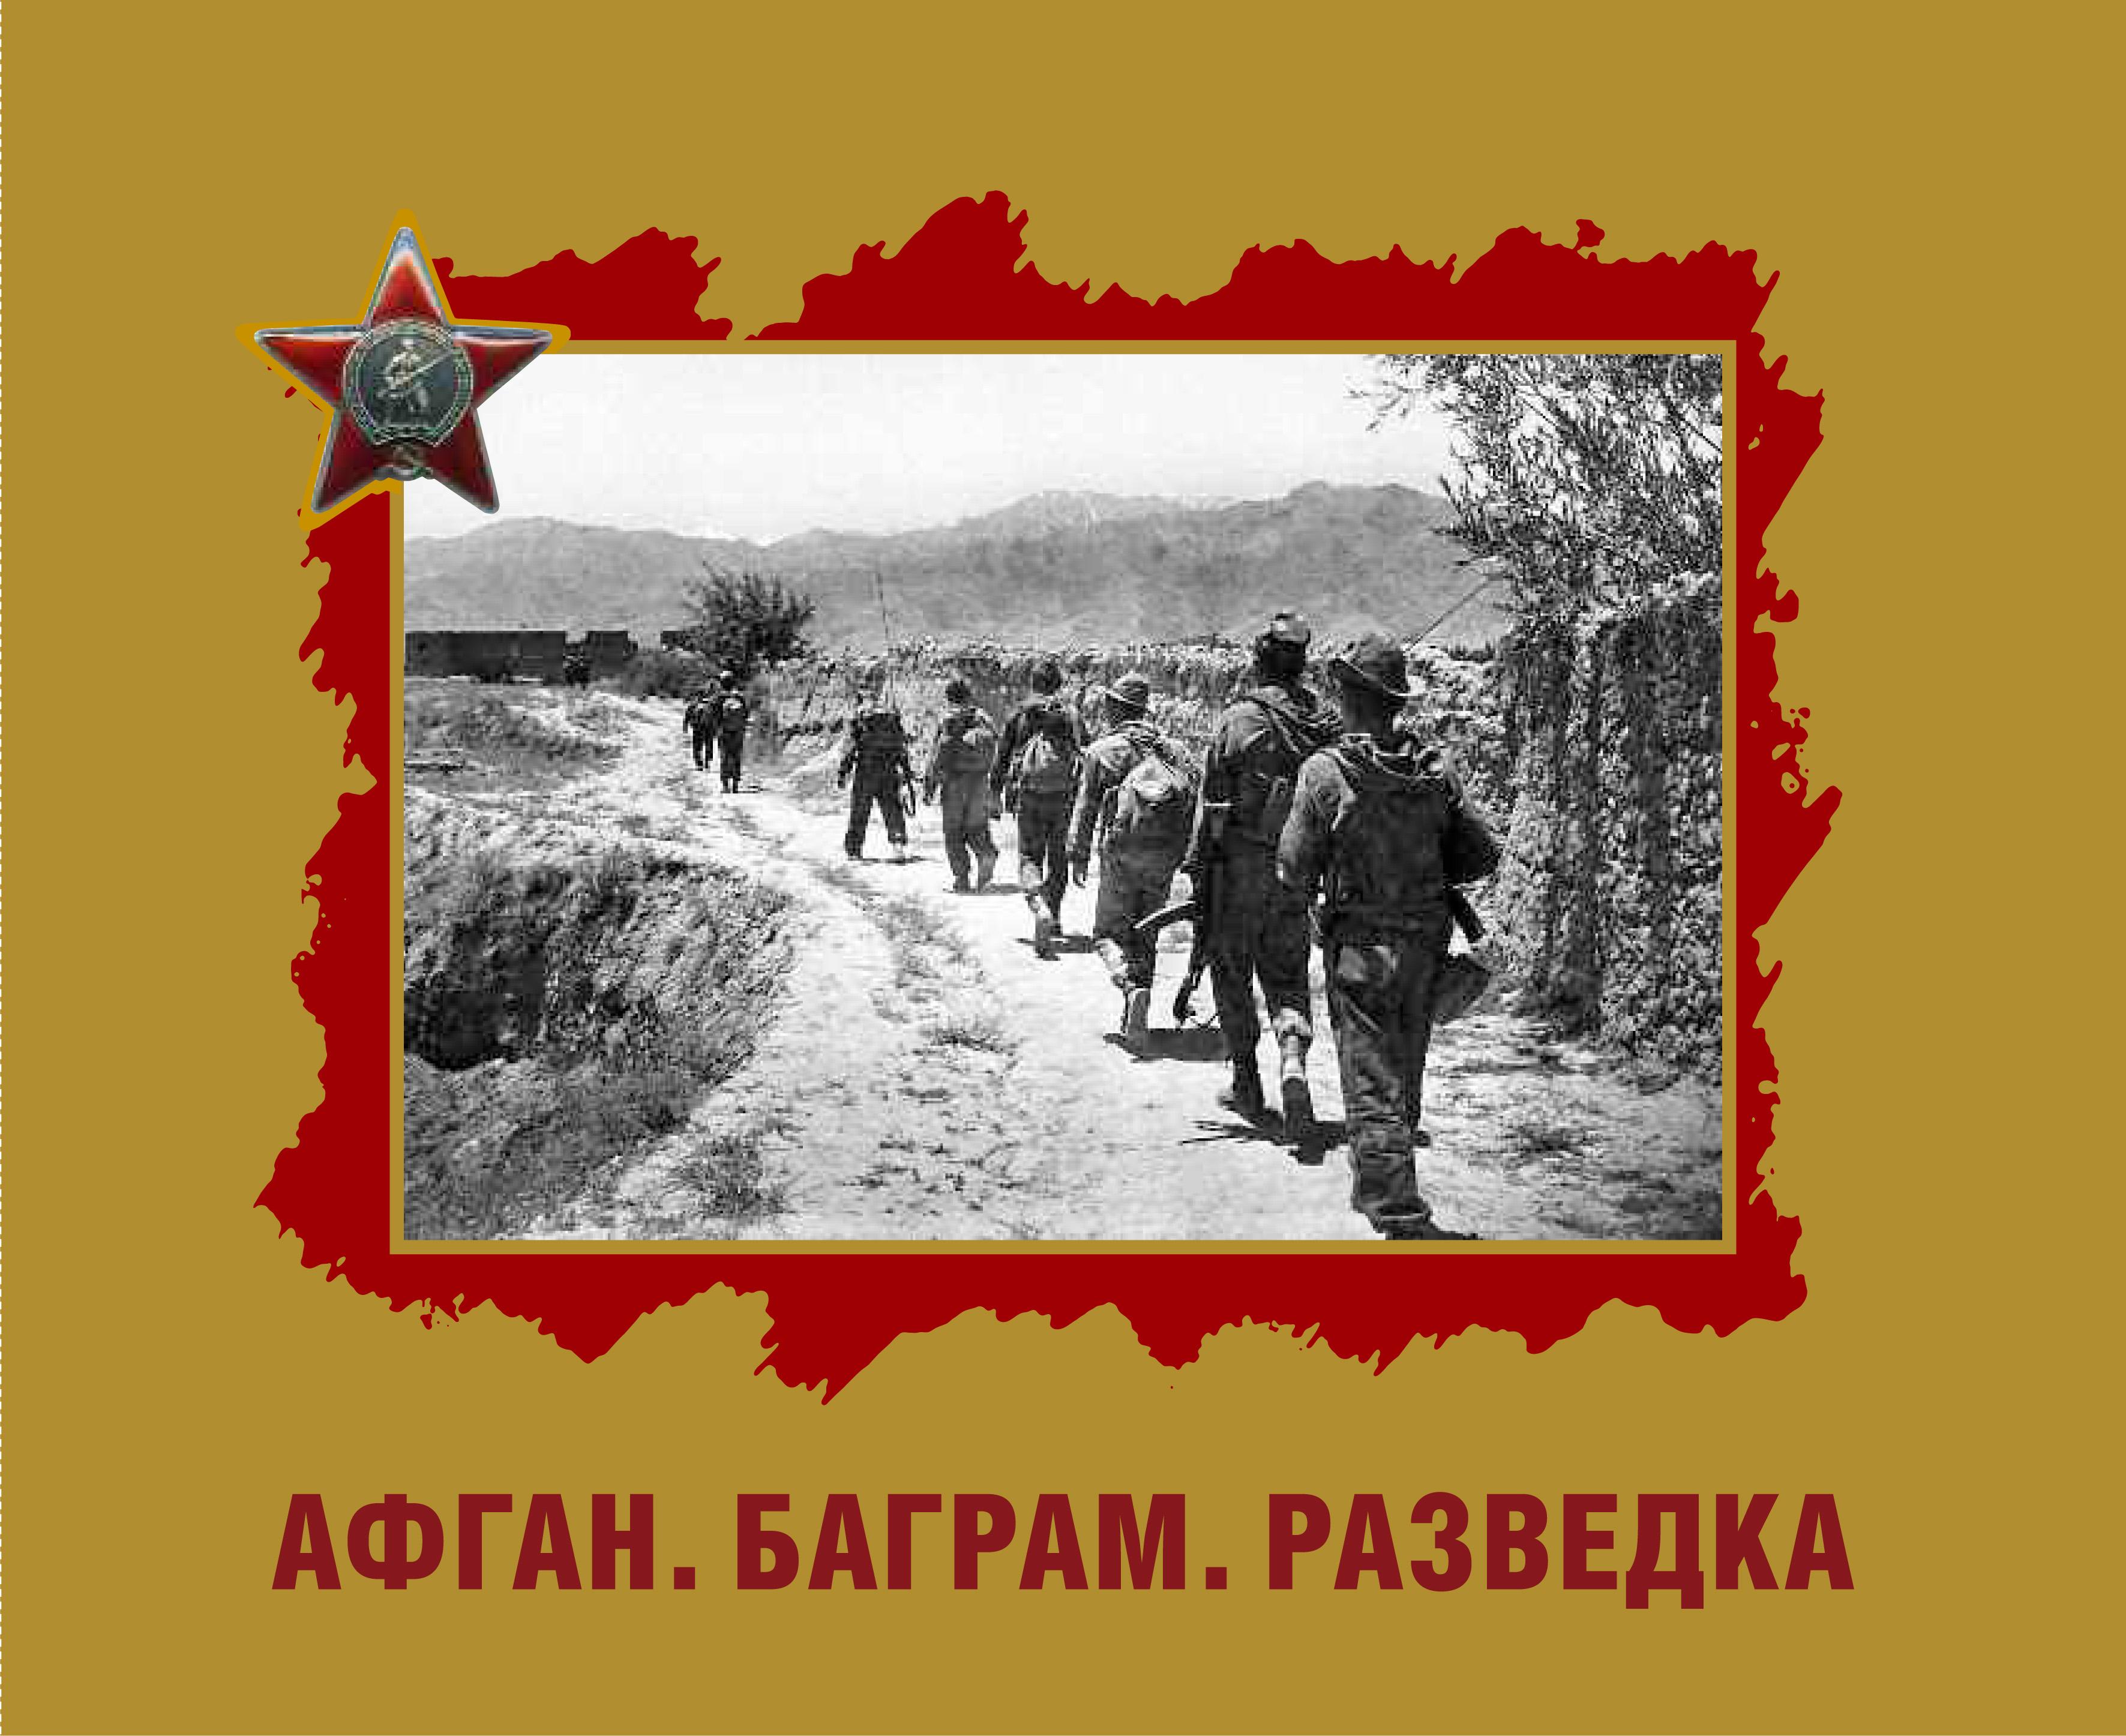 Афган. Баграм. Разведка. Альбом 781-го ордена Красной Звезды ОРБ